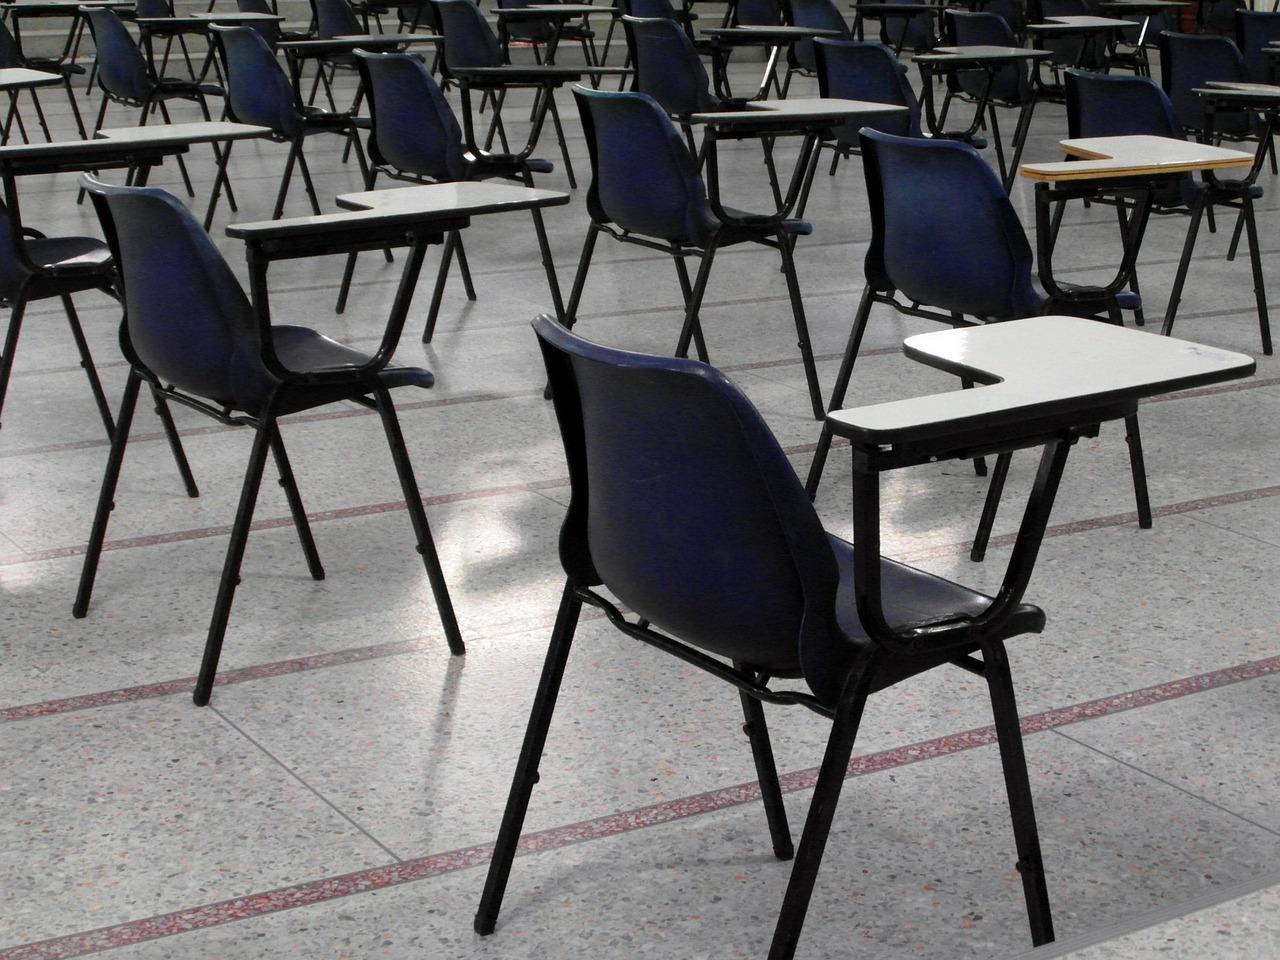 Autoritățile din Marea Britanie promit că vor lua toate măsurile ca şcolile să nu mai fie închise